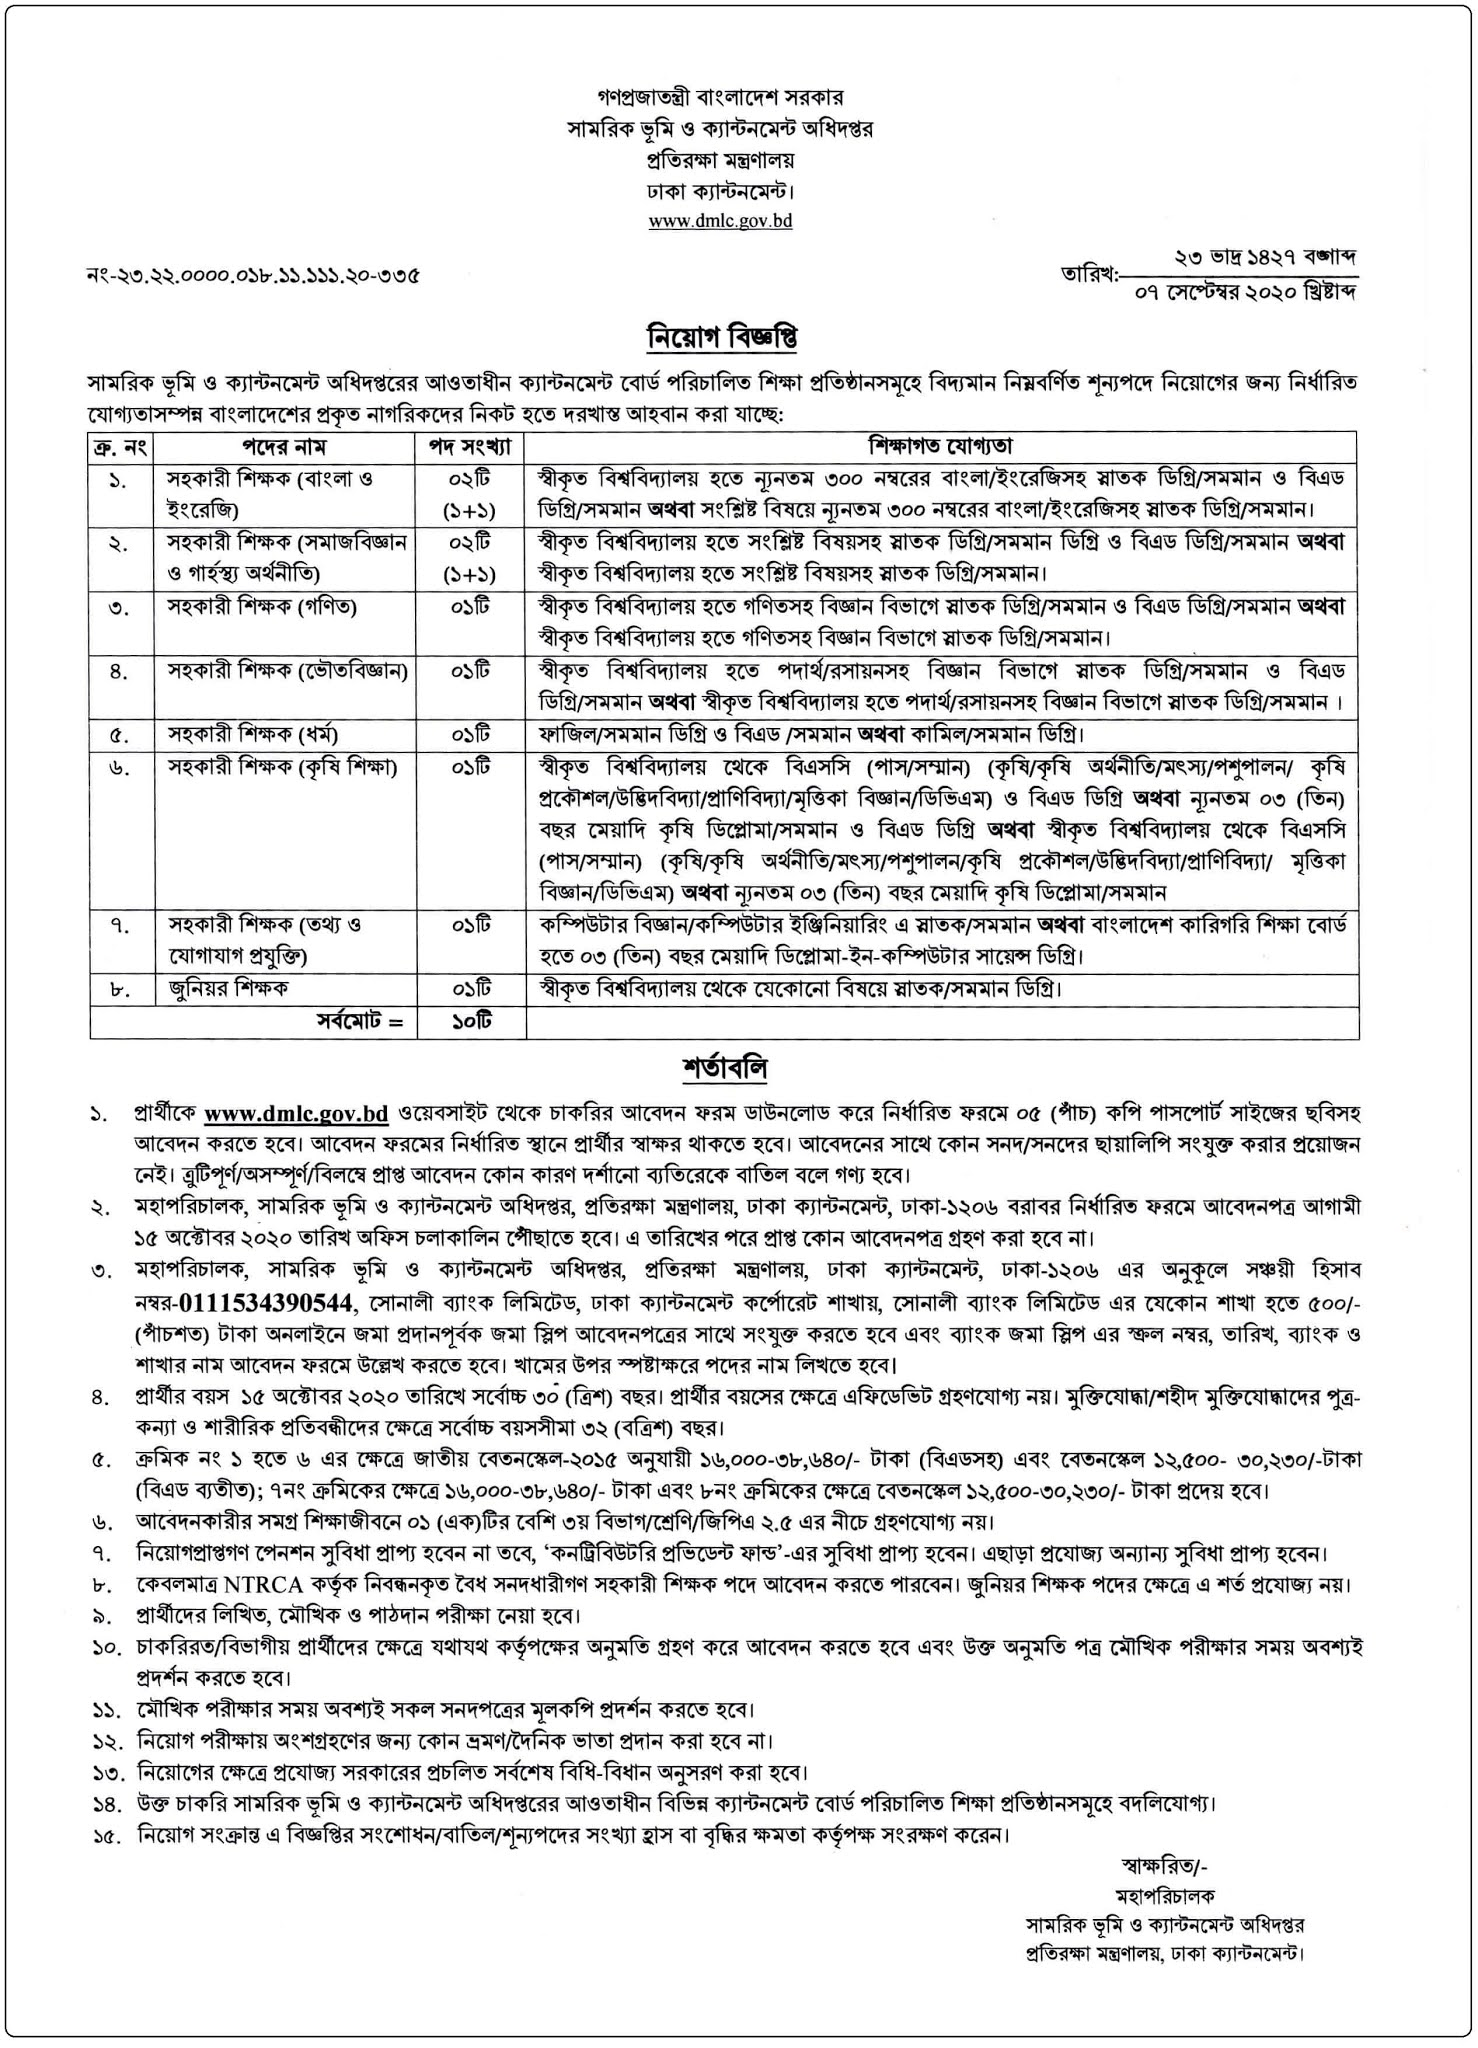 সামরিক ভূমি ও ক্যান্টনমেন্ট শিক্ষা বোর্ড অধিদপ্তরে নিয়োগ বিজ্ঞপ্তি   DMLC Job Circular 2020